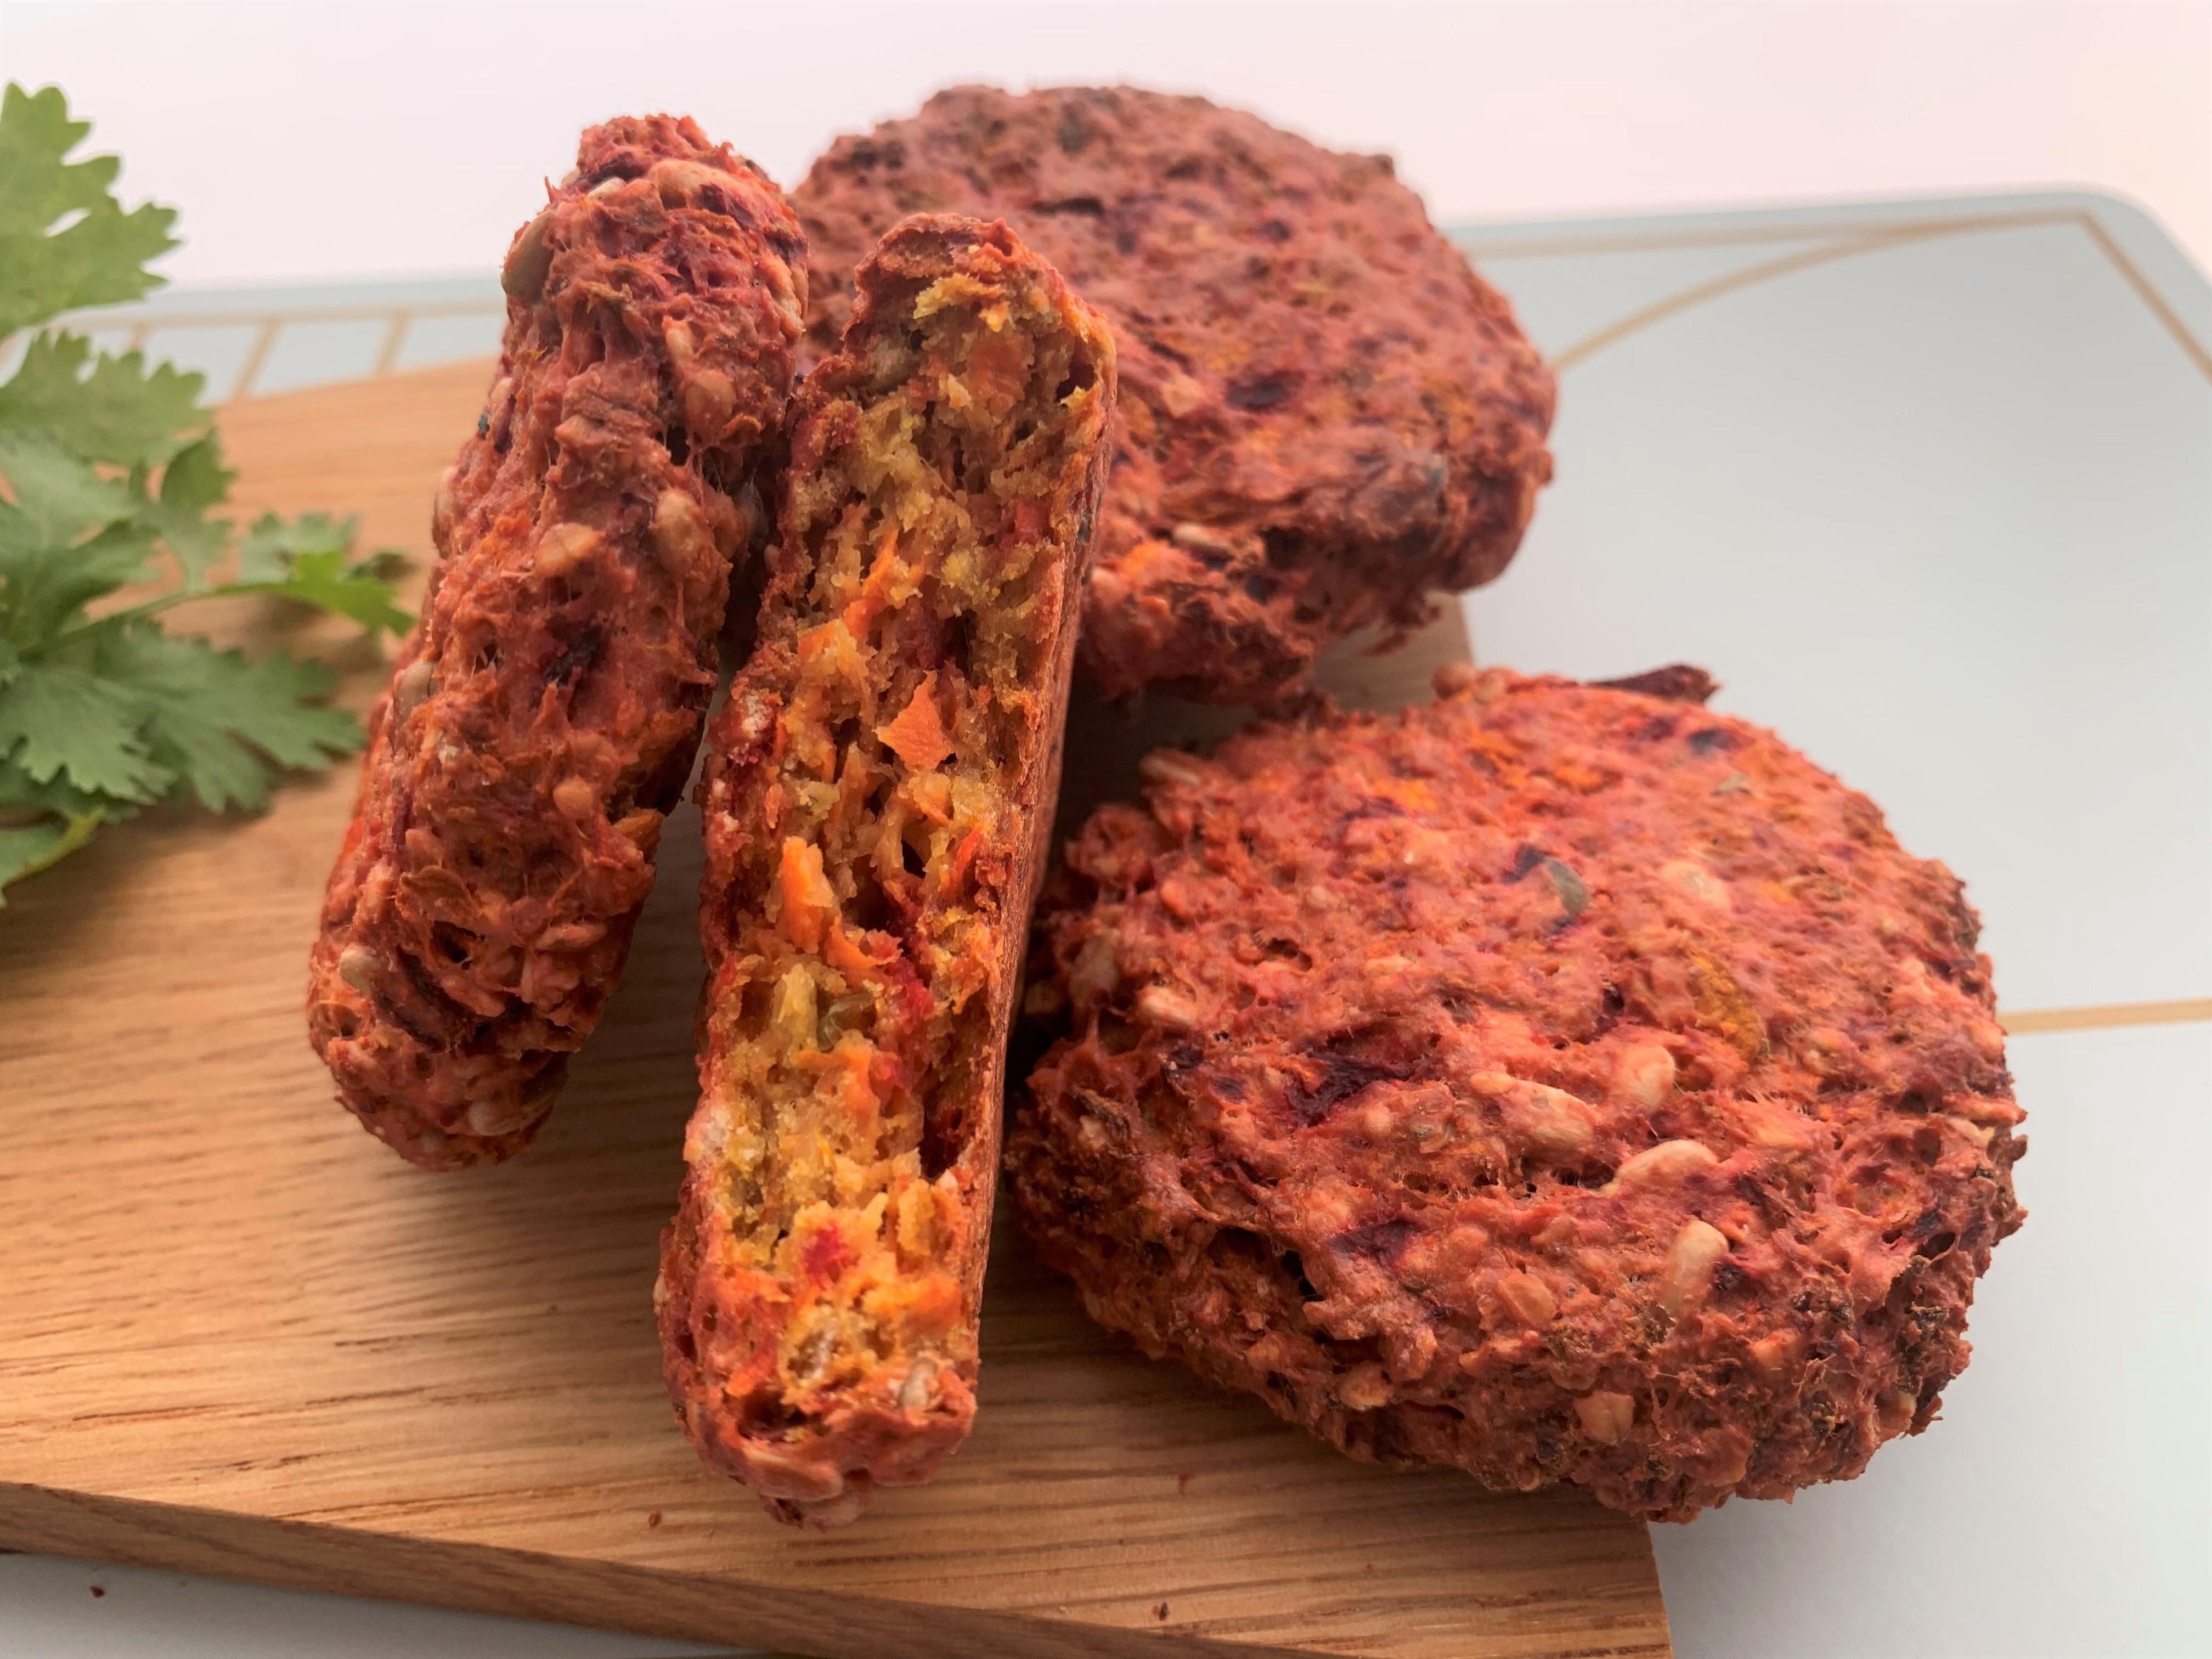 Cookies à la pulpe de légumes. Transformer pour moins gaspiller !